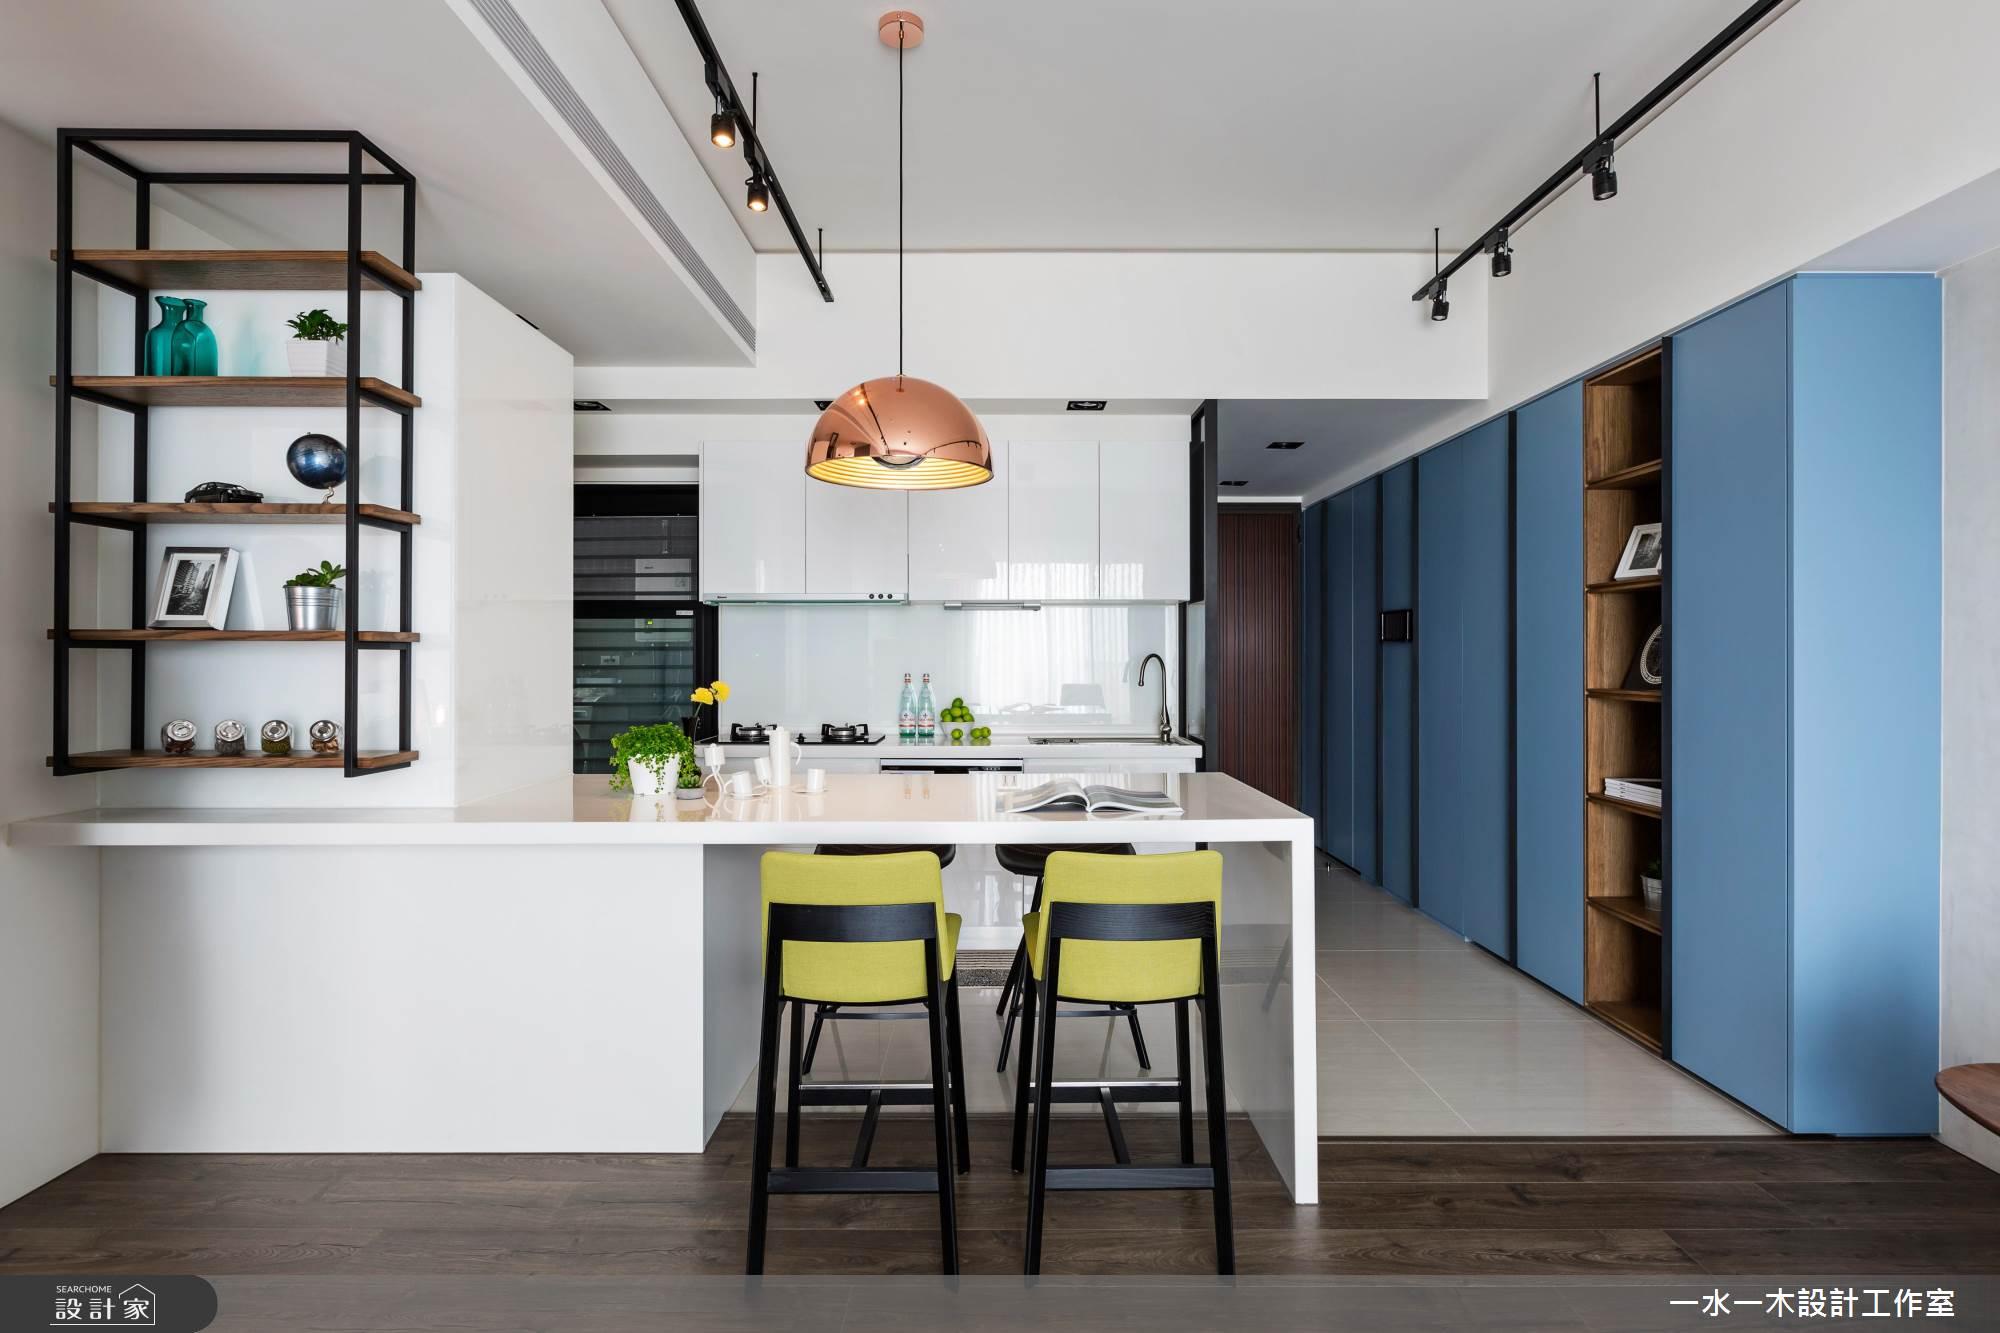 天花板的軌道燈,加上餐桌的金屬吊燈,在簡約的空間中十分搶眼。